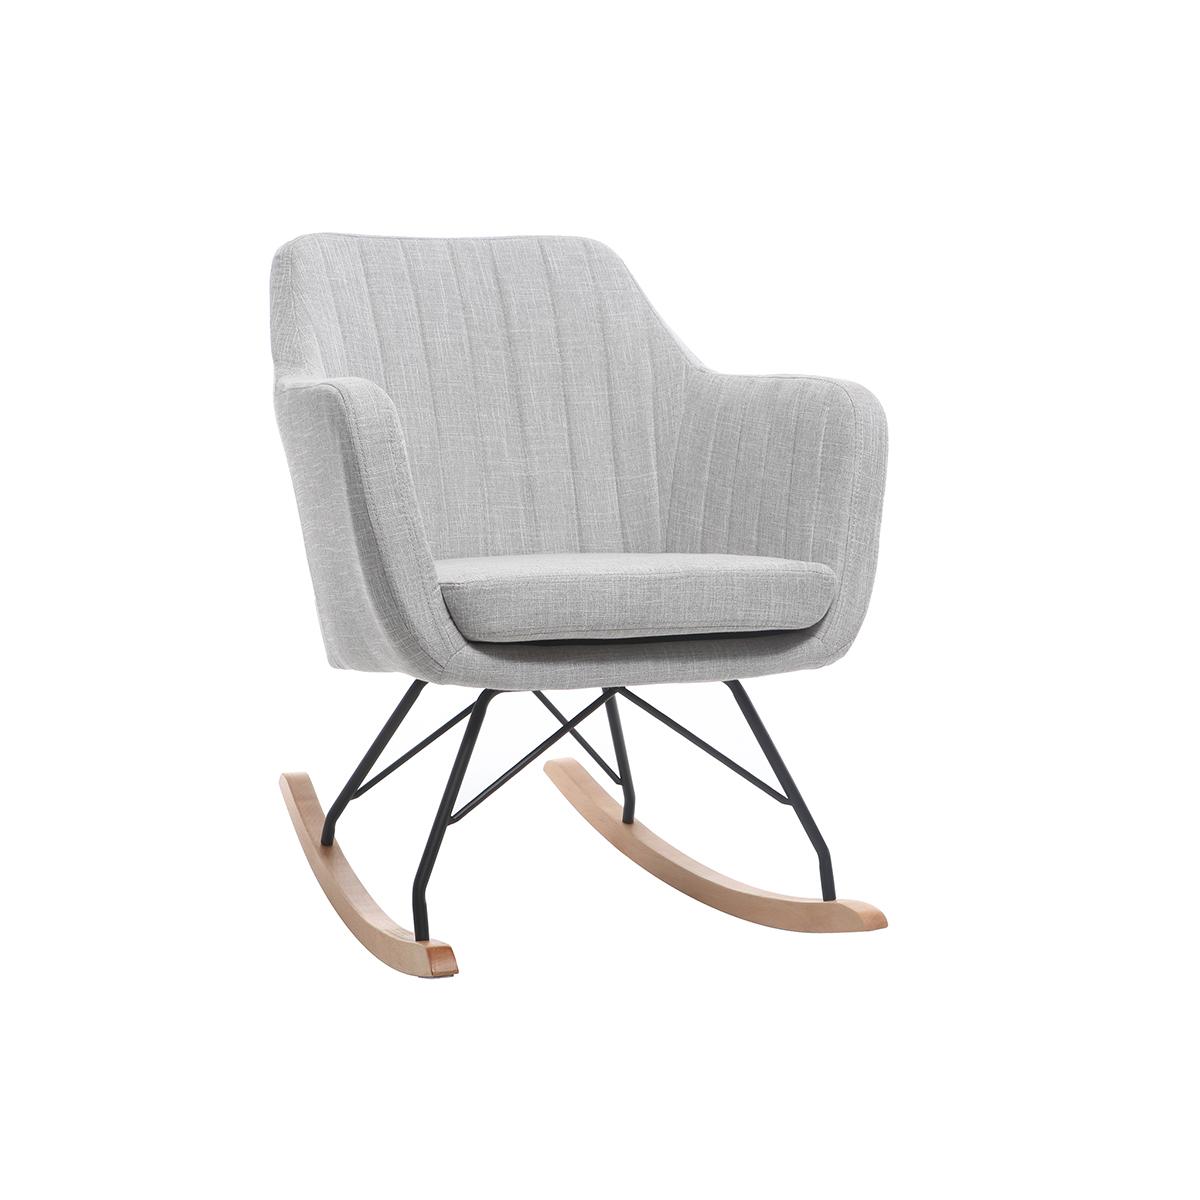 Poltrona - sedia a dondolo scandinava in tessuto Grigio chiaro ALEYNA